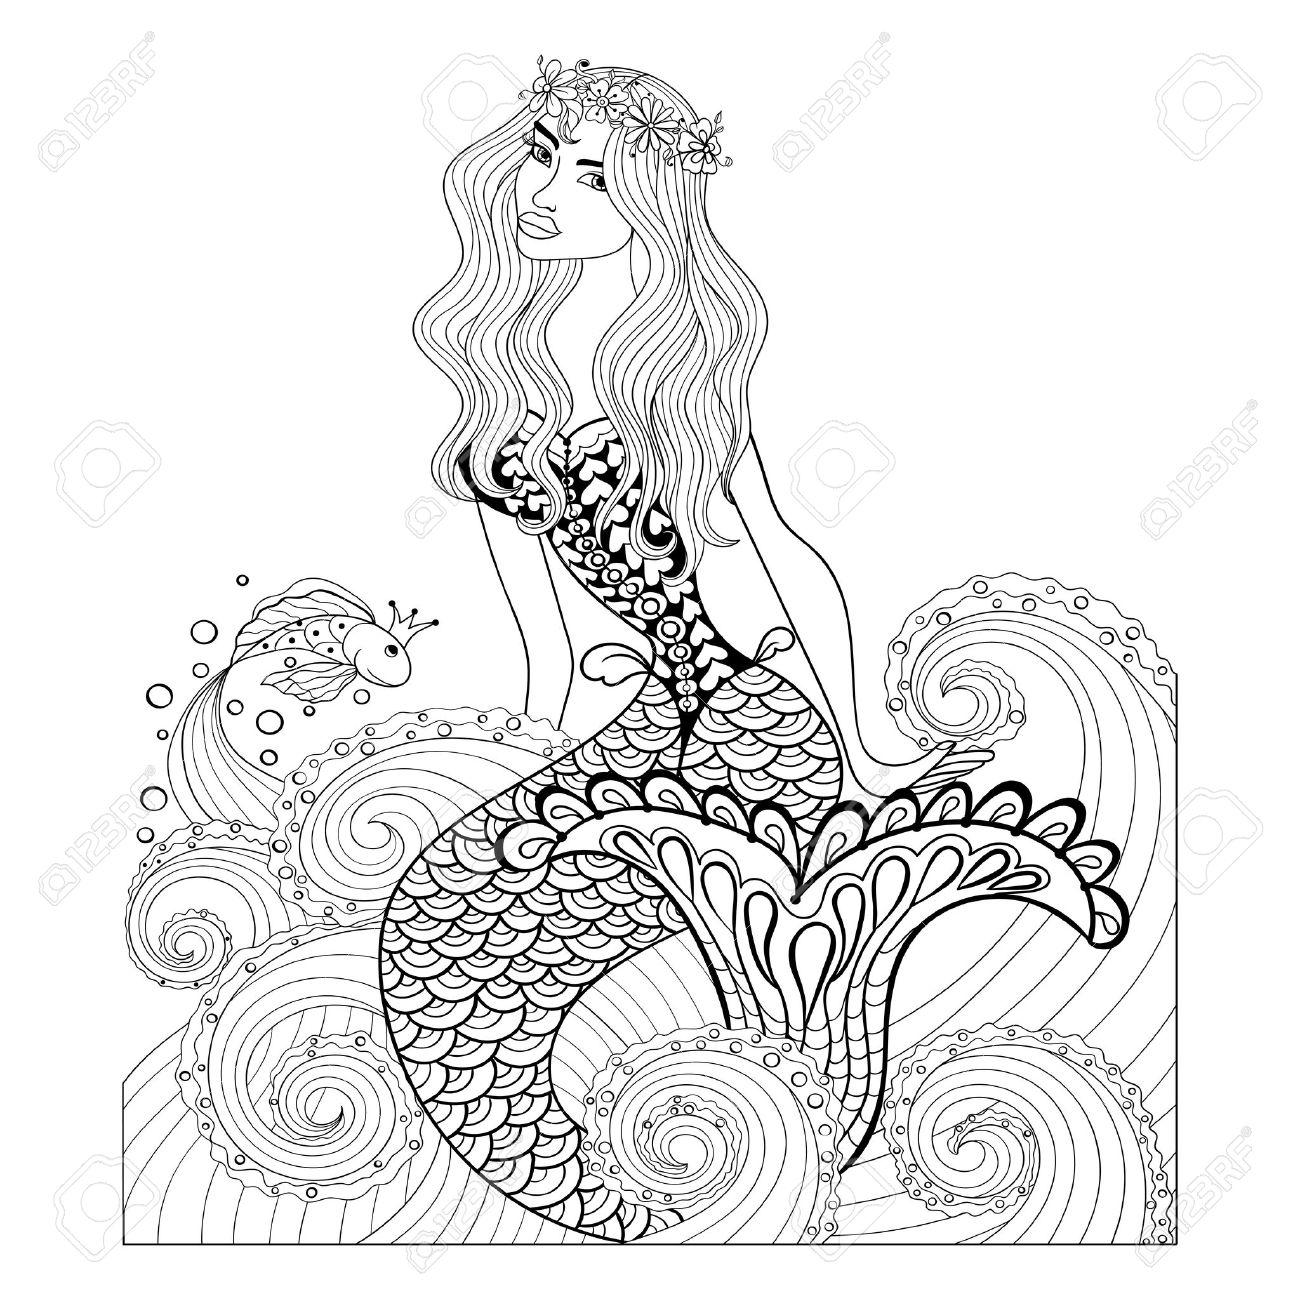 Fantastische Meerjungfrau In Meereswellen Mit Einem Goldfisch Und